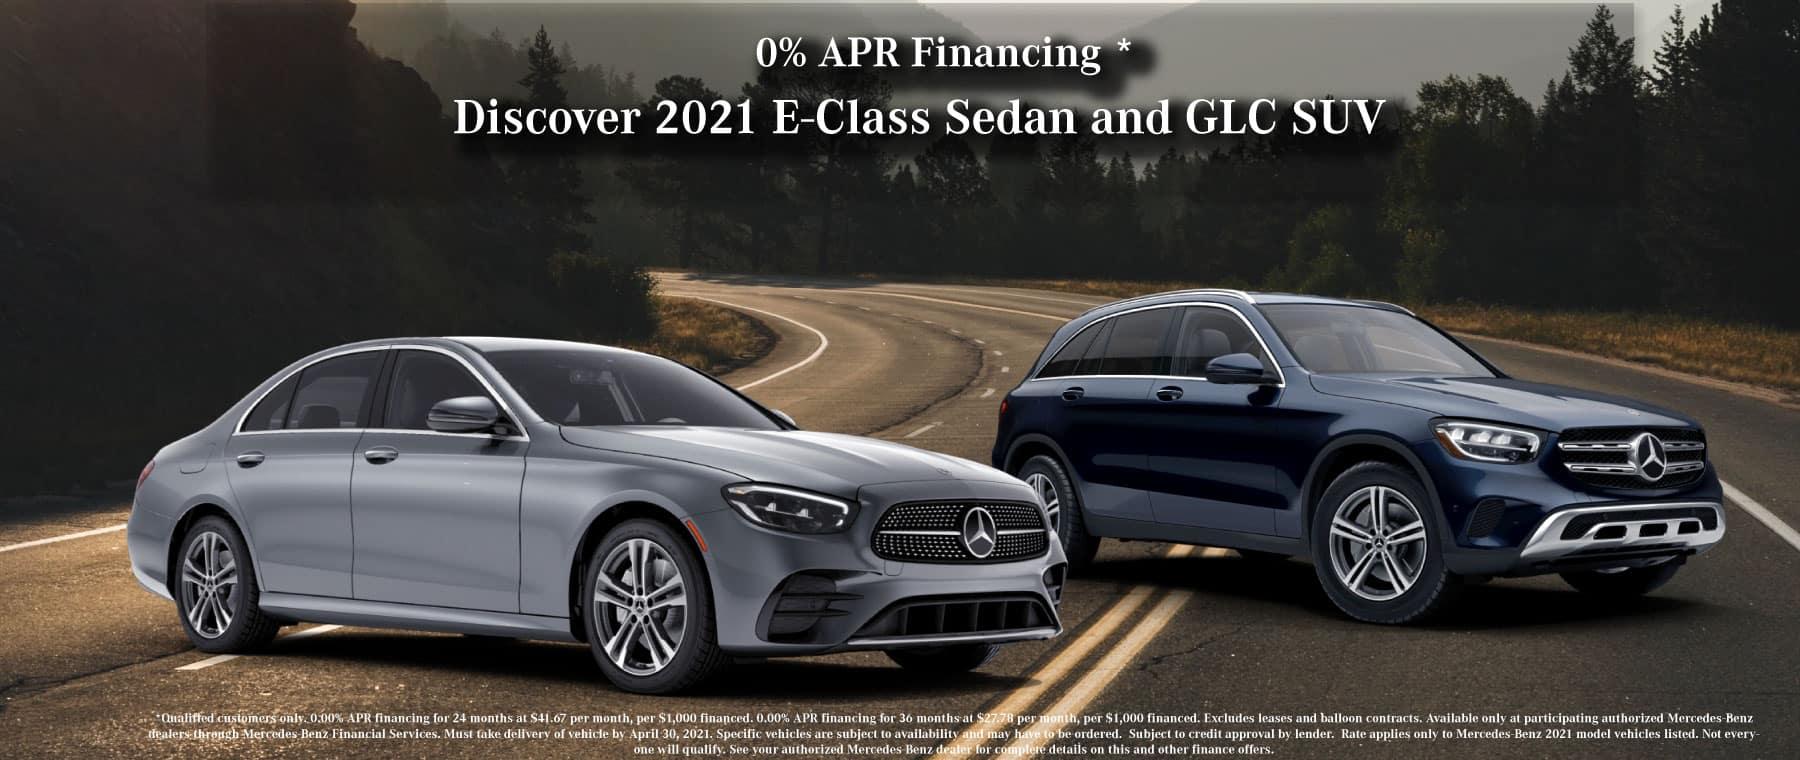 Mercedes-Benz 2021 E class sedan special, 2021 glc special